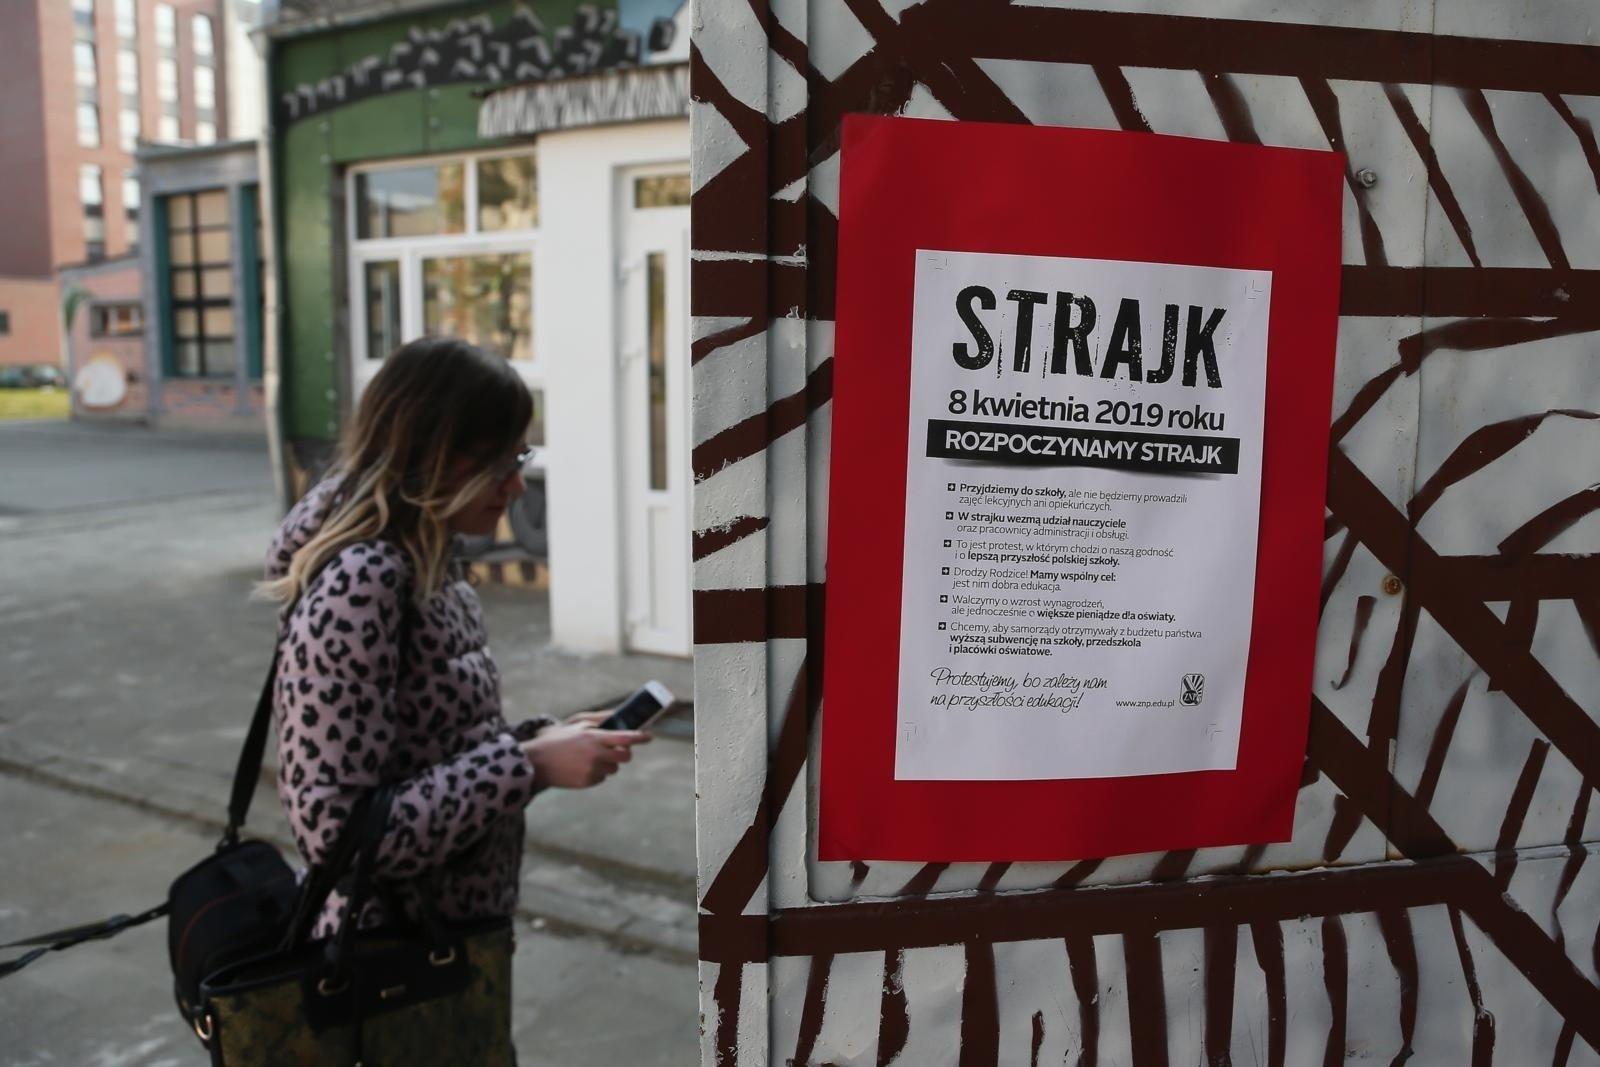 Strajk Nauczycieli 2019. Czy Rok Szkolny Może Zostać